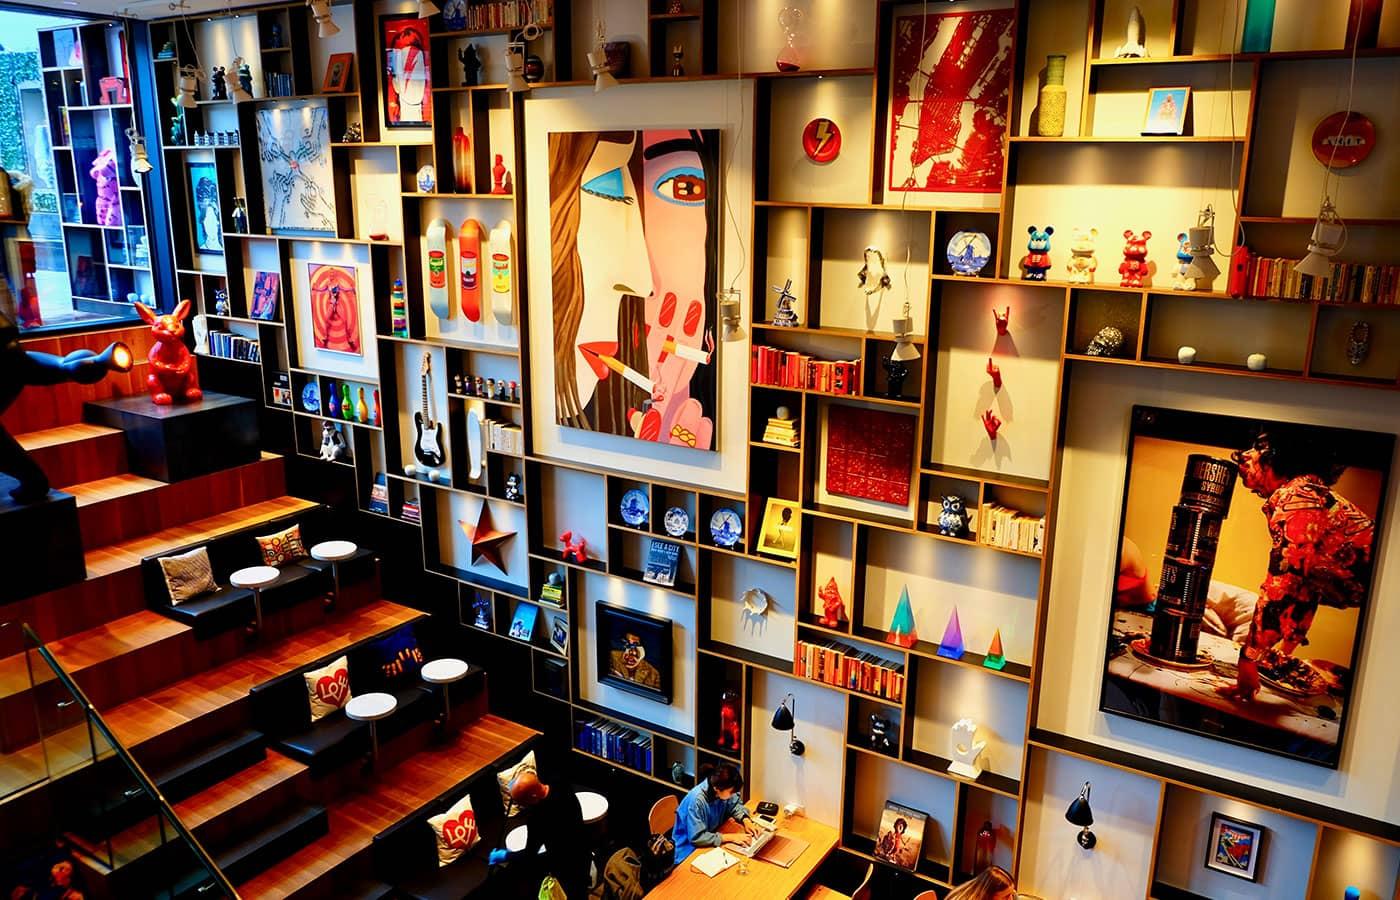 シティズンM ニューヨーク バワリー ホテル - アート